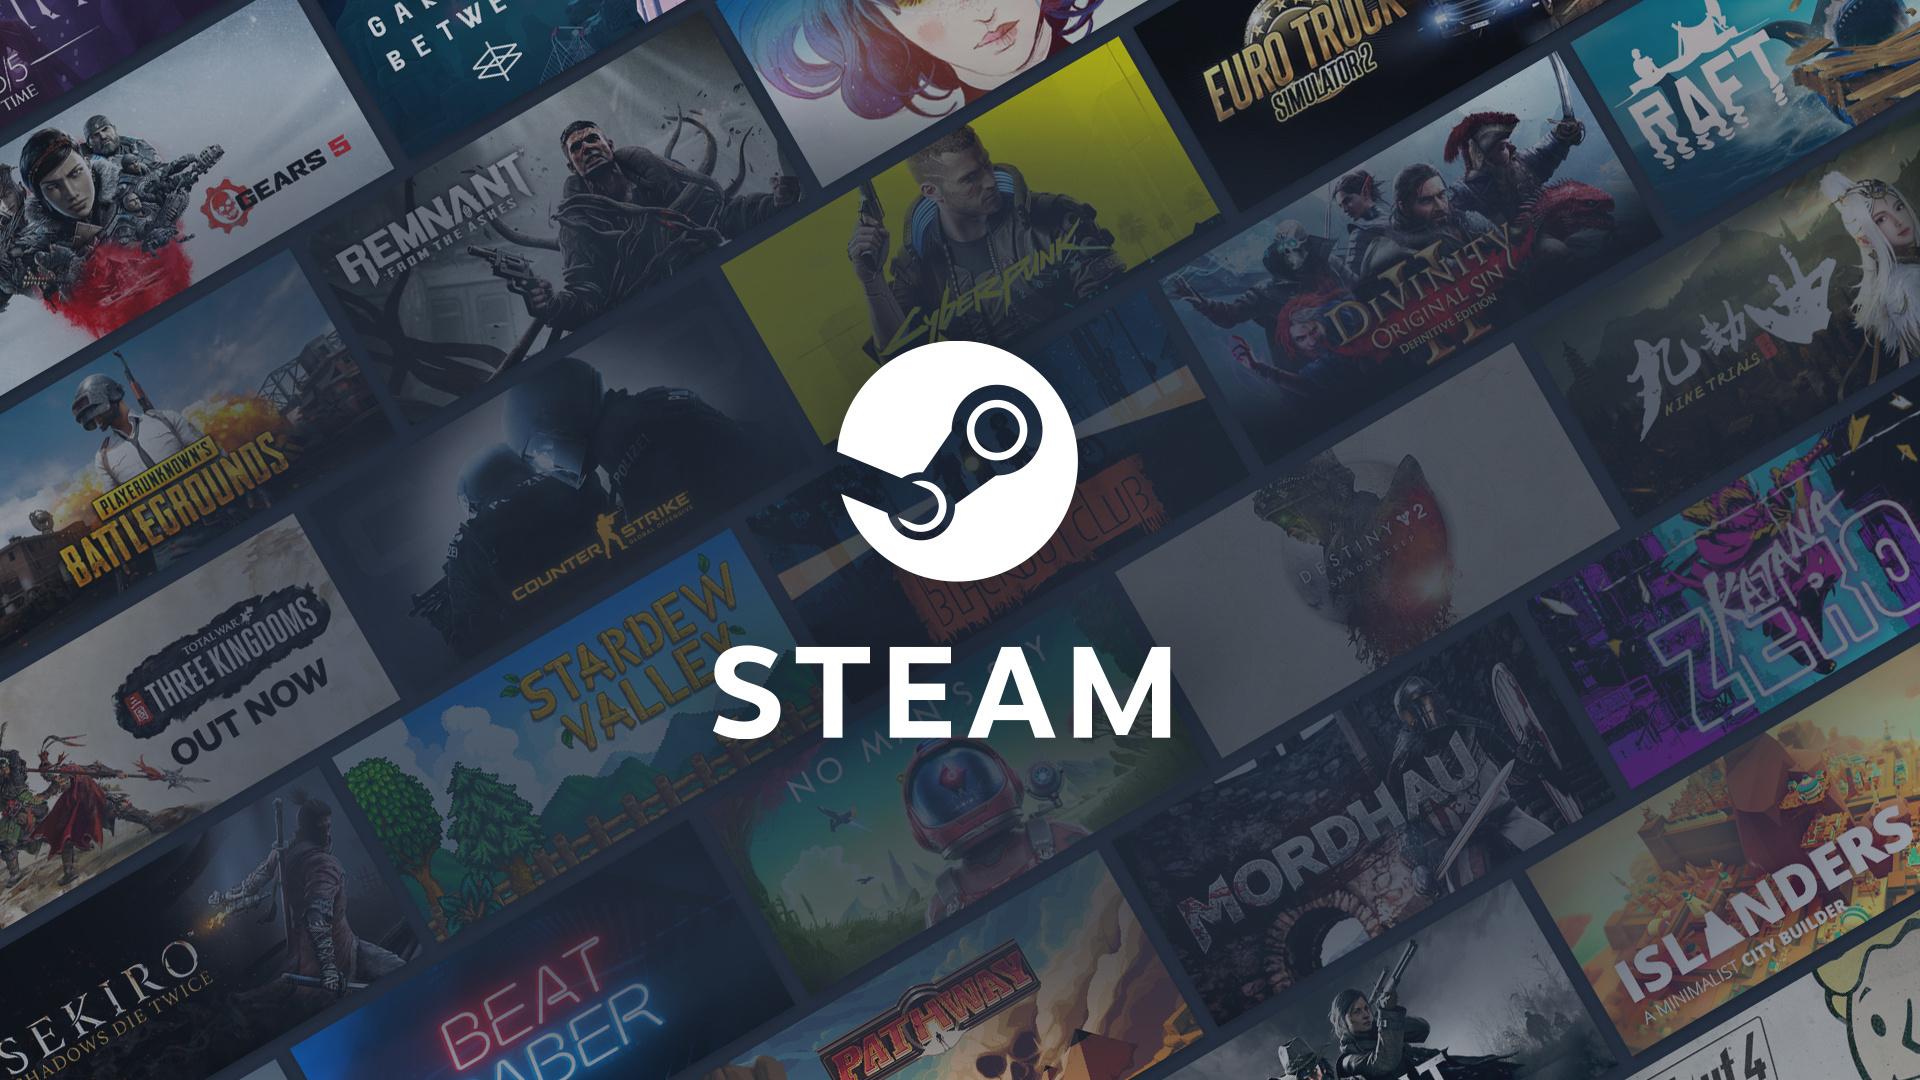 Пополнение кошелька Steam в России может быть недоступно с января 2021 года